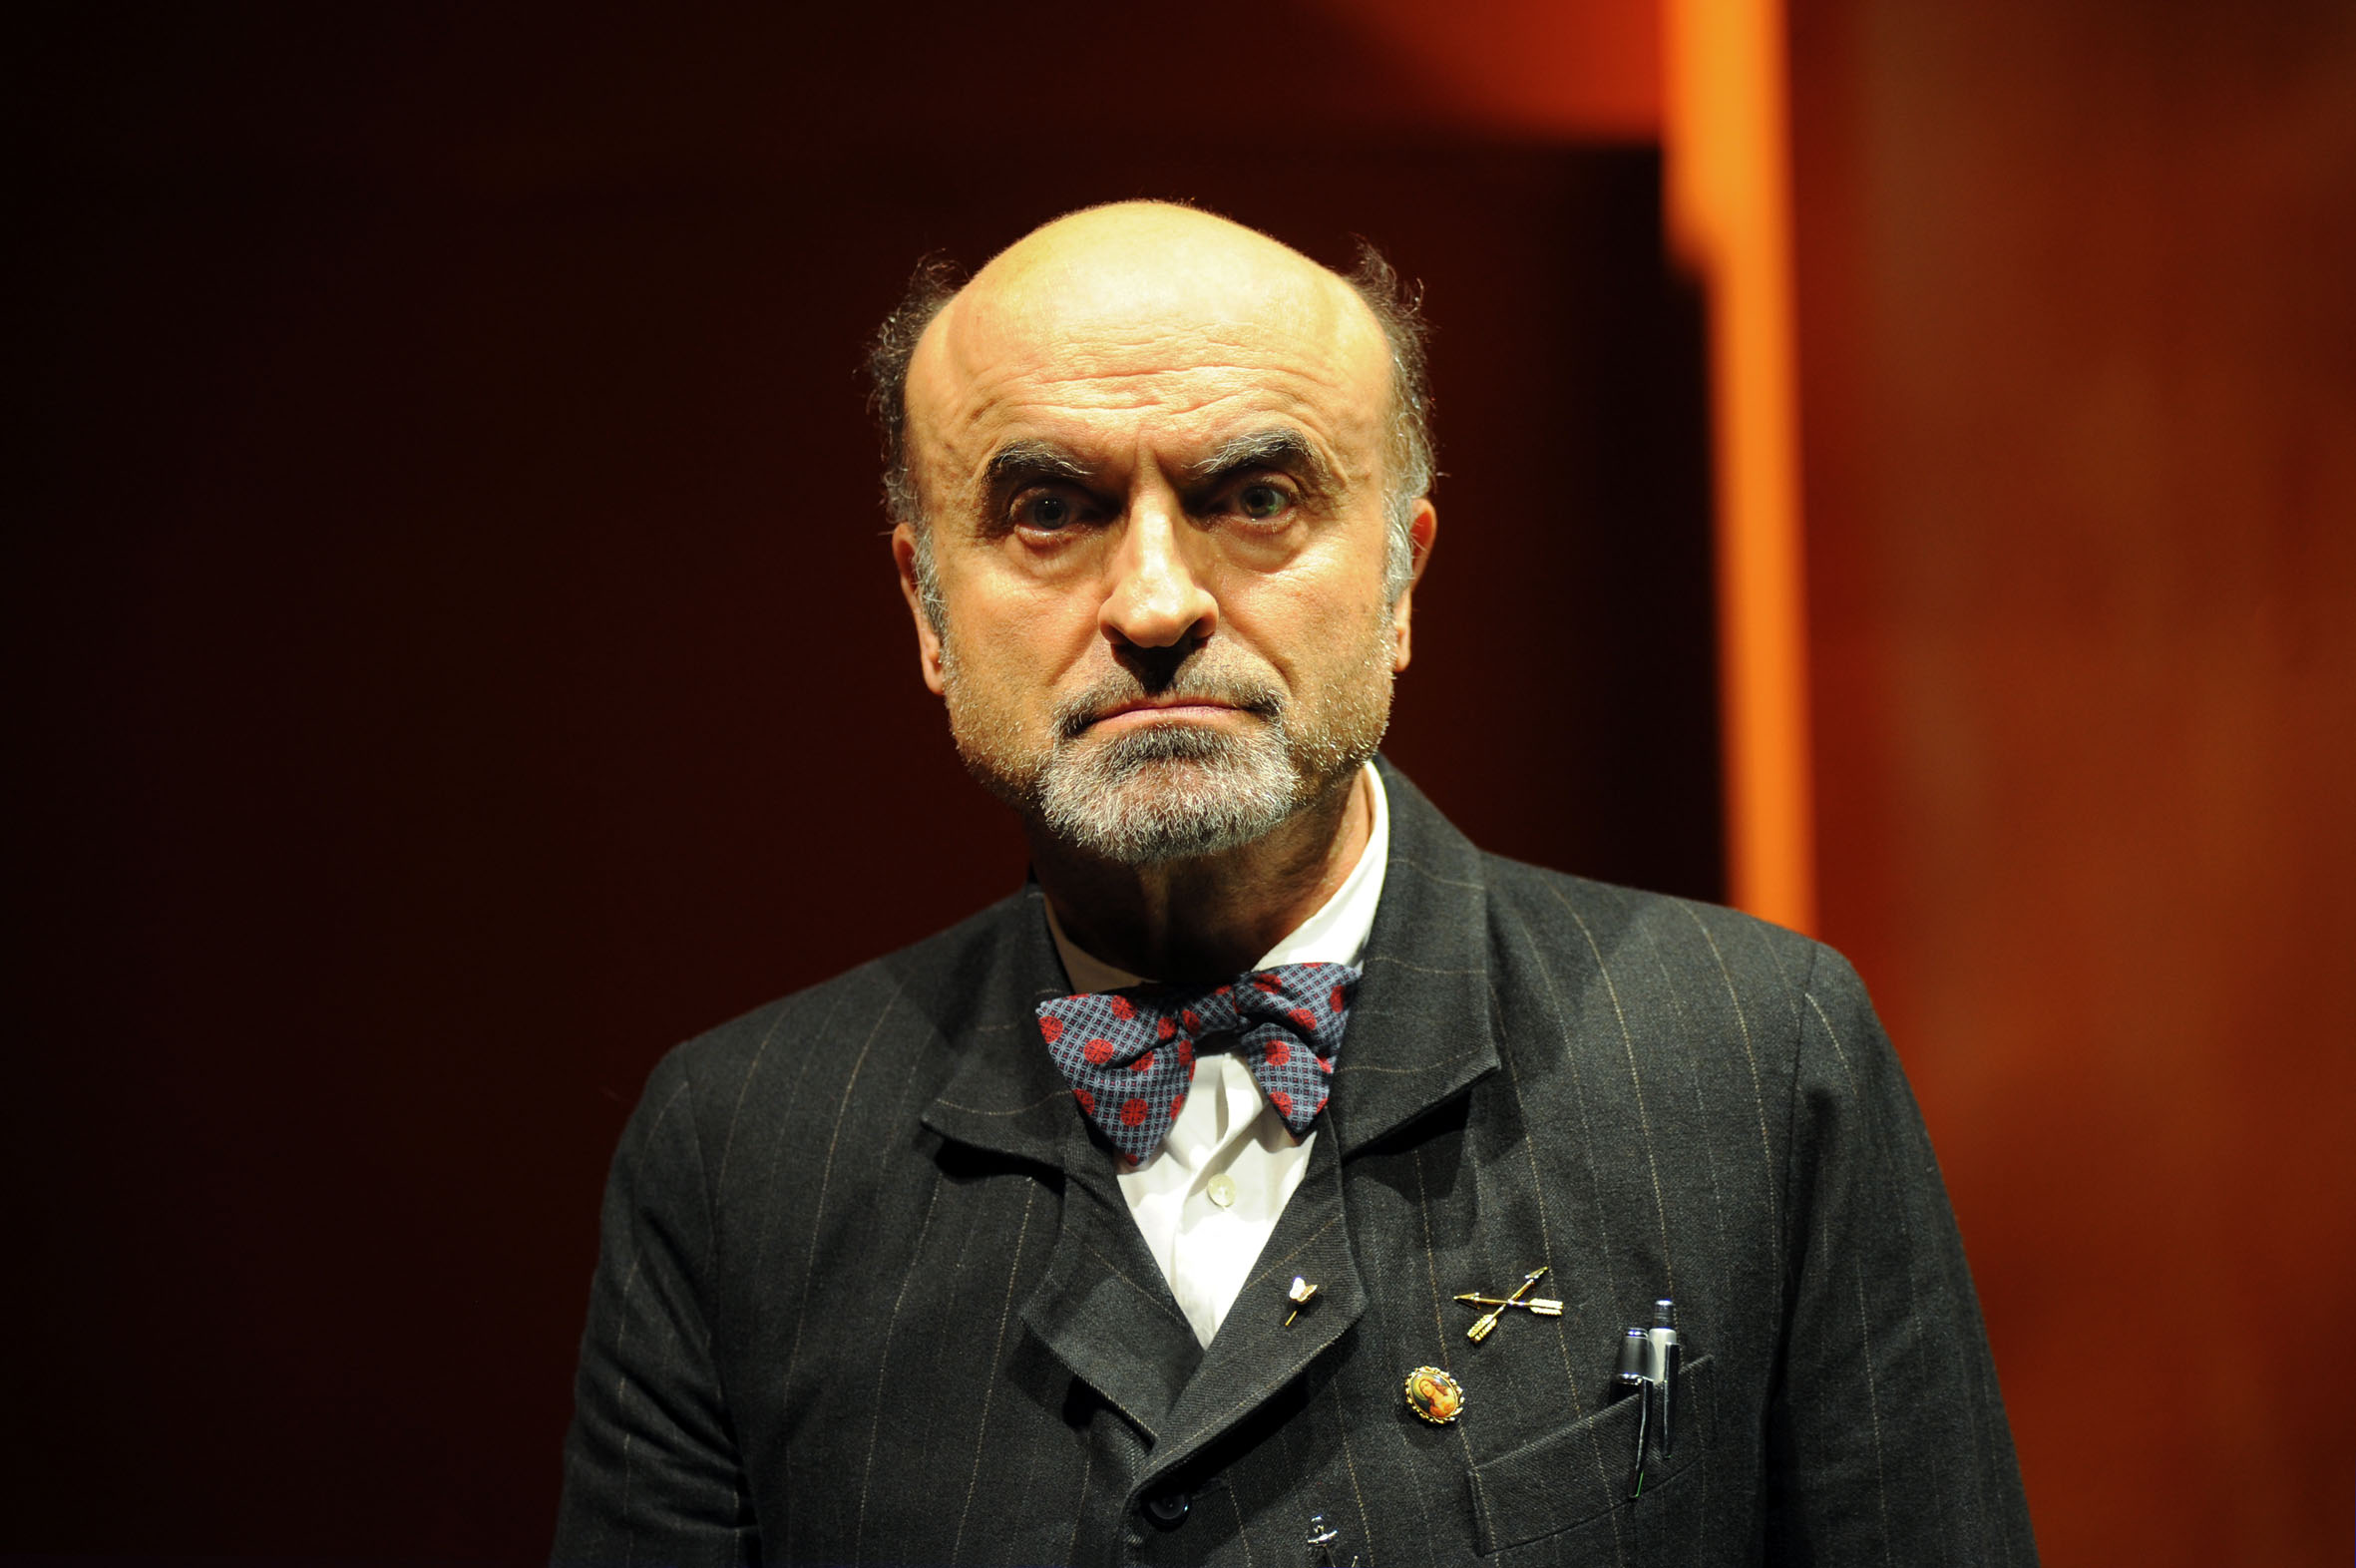 Ivano Marescotti, La Fondazione - foto di Raffaella Cavalieri